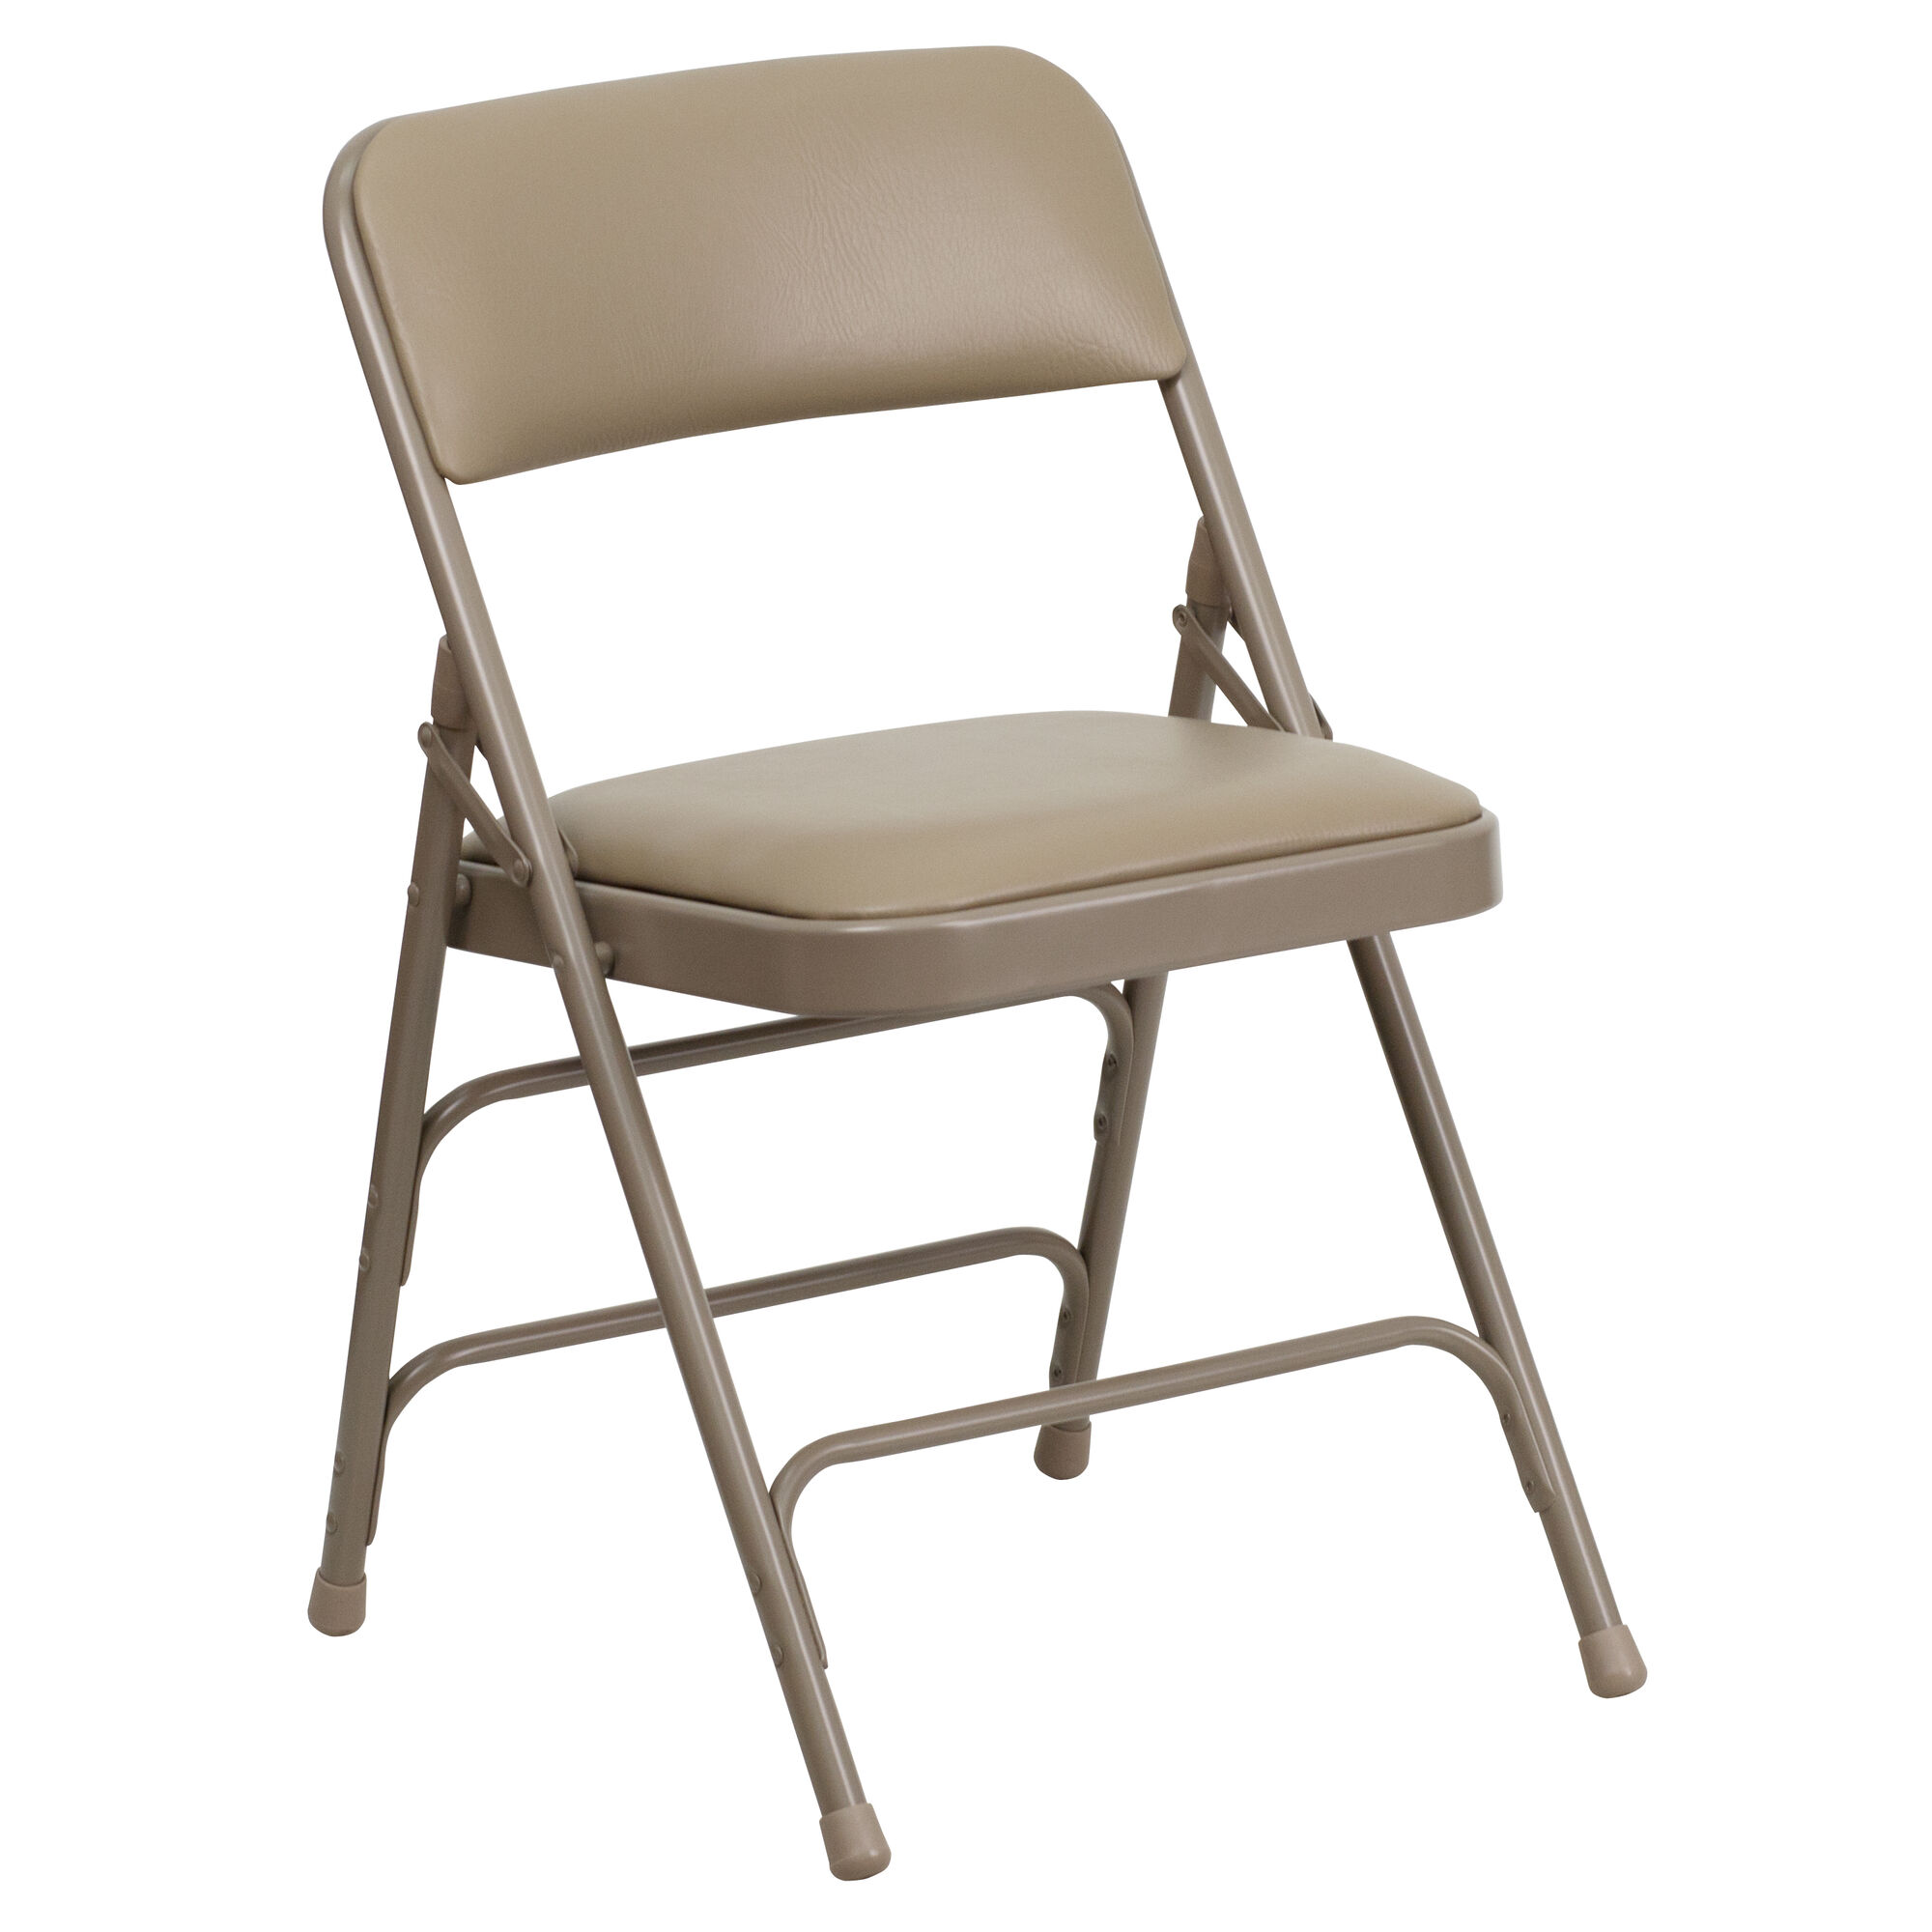 Beige Vinyl Folding Chair Ha Mc309av Bge Gg